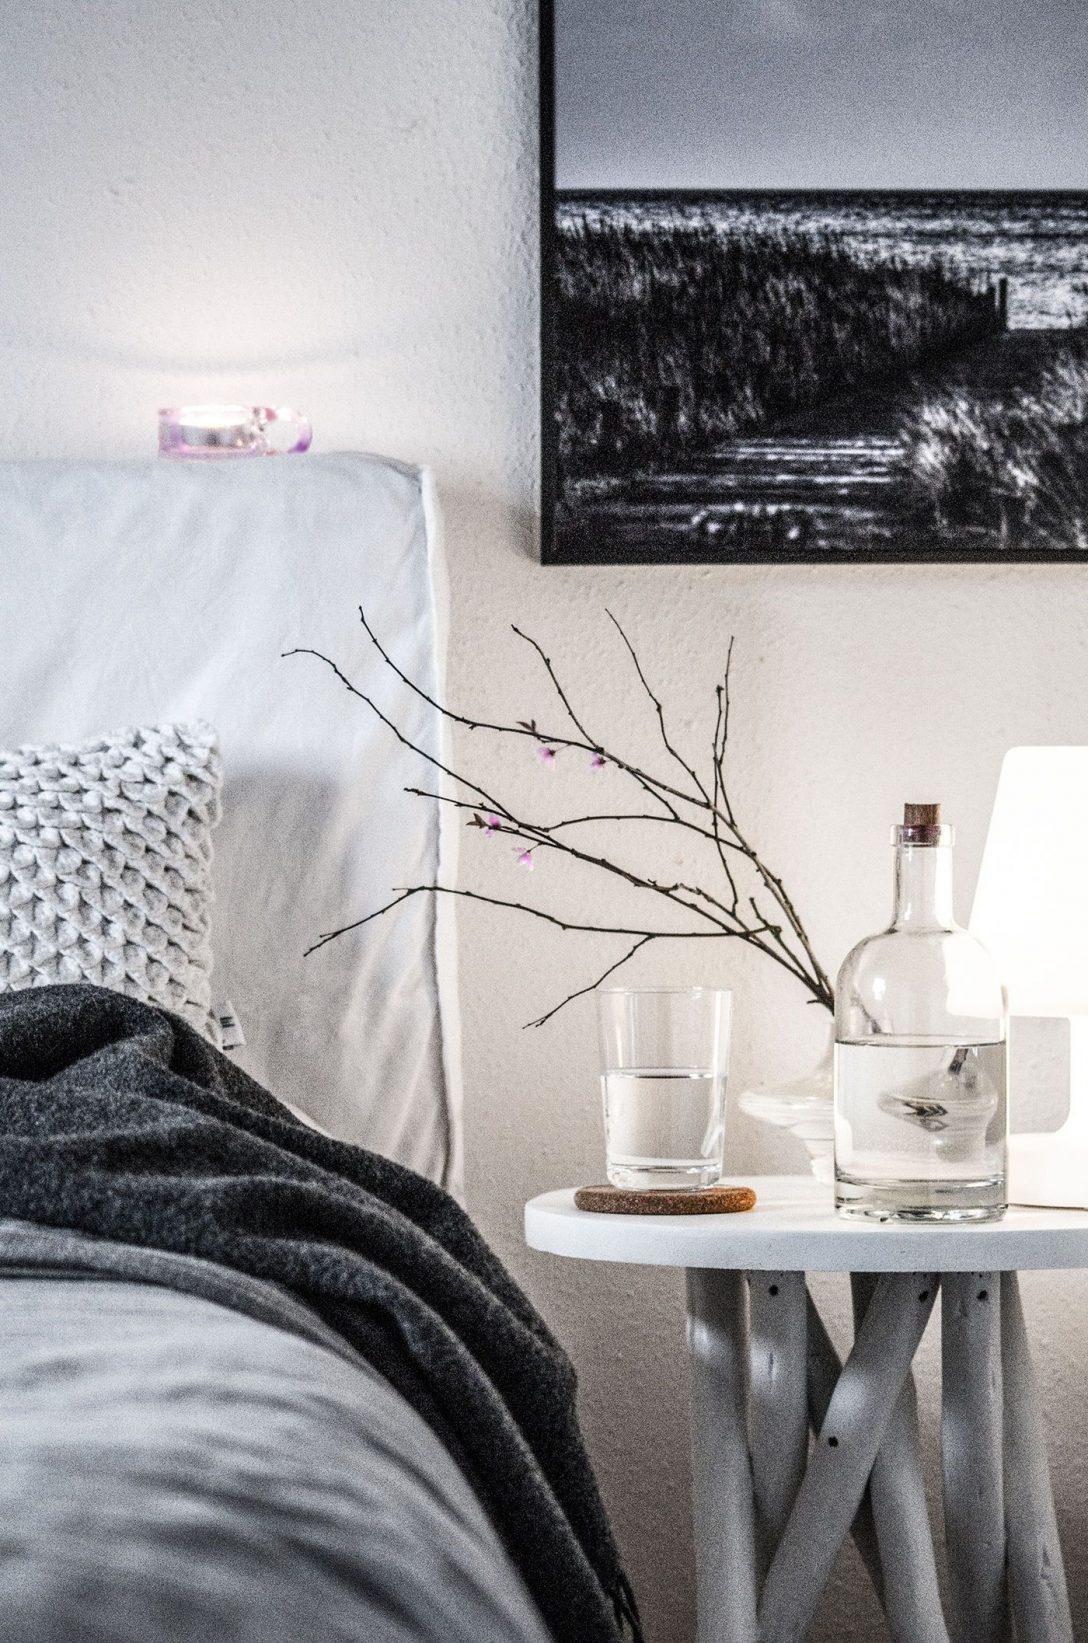 Large Size of Wanddeko Schlafzimmer Metall Wanddekoration Selber Machen Holz Ideen Bilder Ikea Amazon Besten Deko Landhaus Klimagerät Für Deckenleuchte Komplett Günstig Wohnzimmer Schlafzimmer Wanddeko